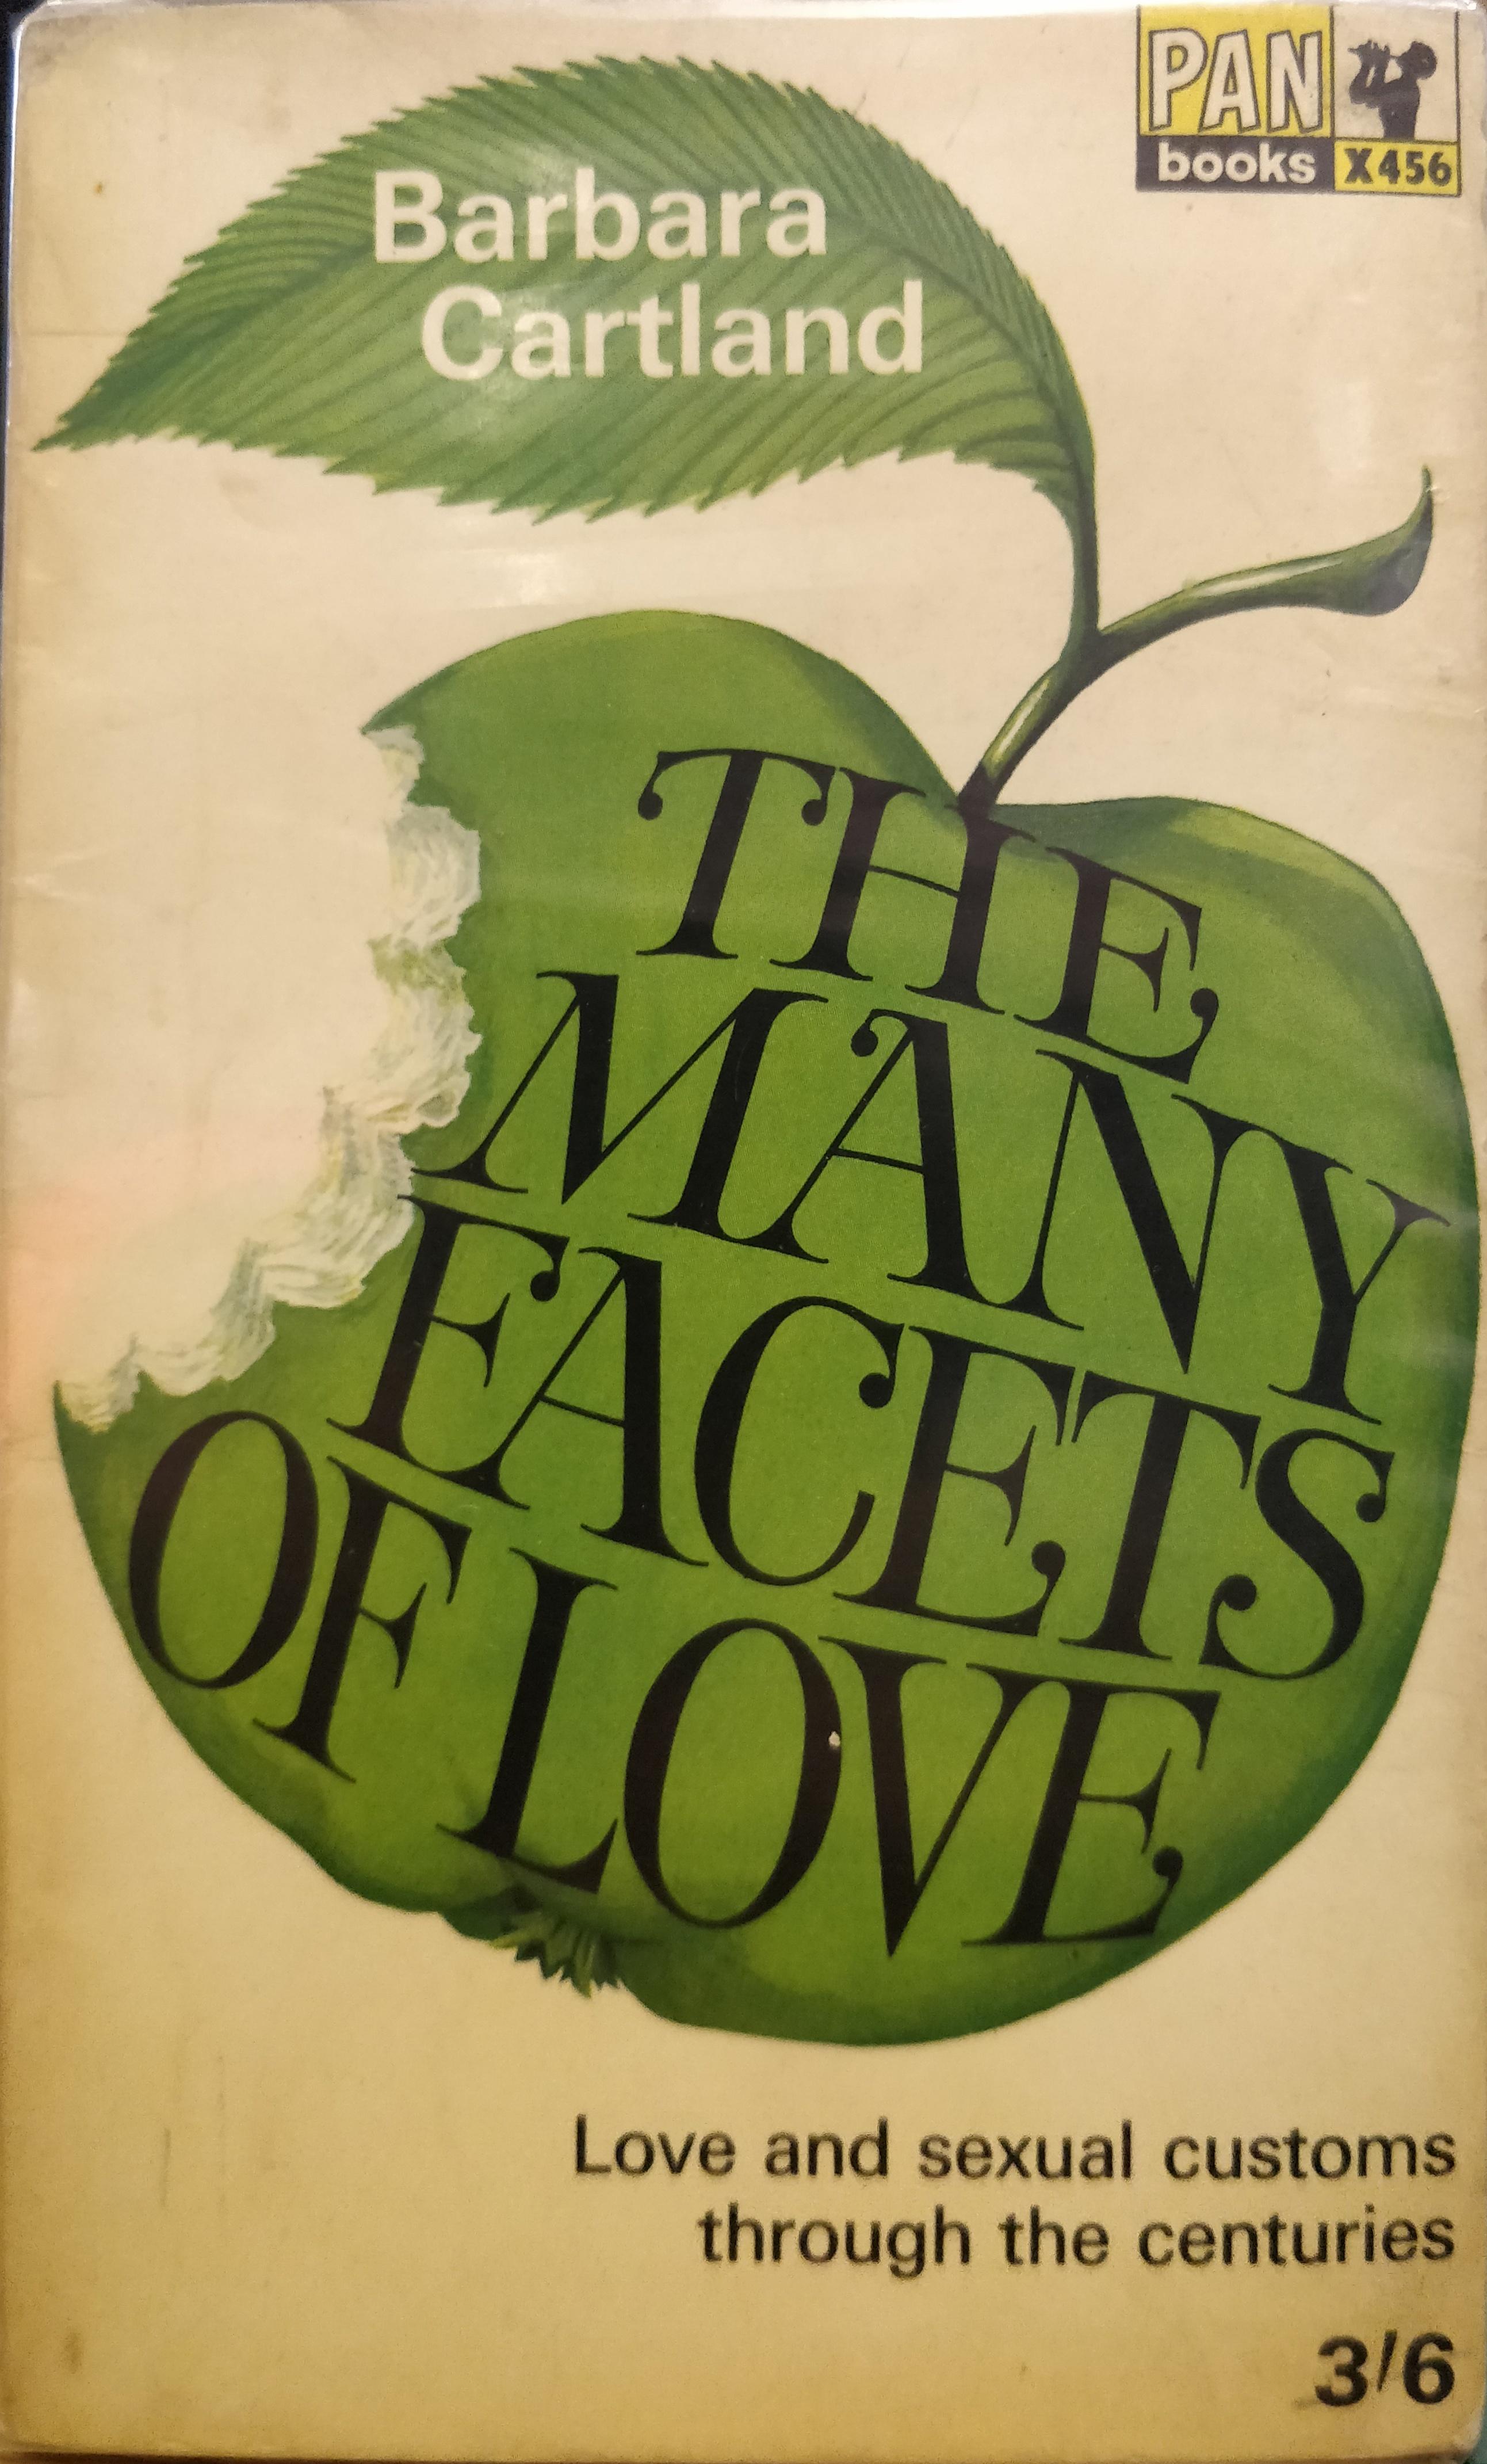 Cartland Barbara - The Many Faces of Love - Pan